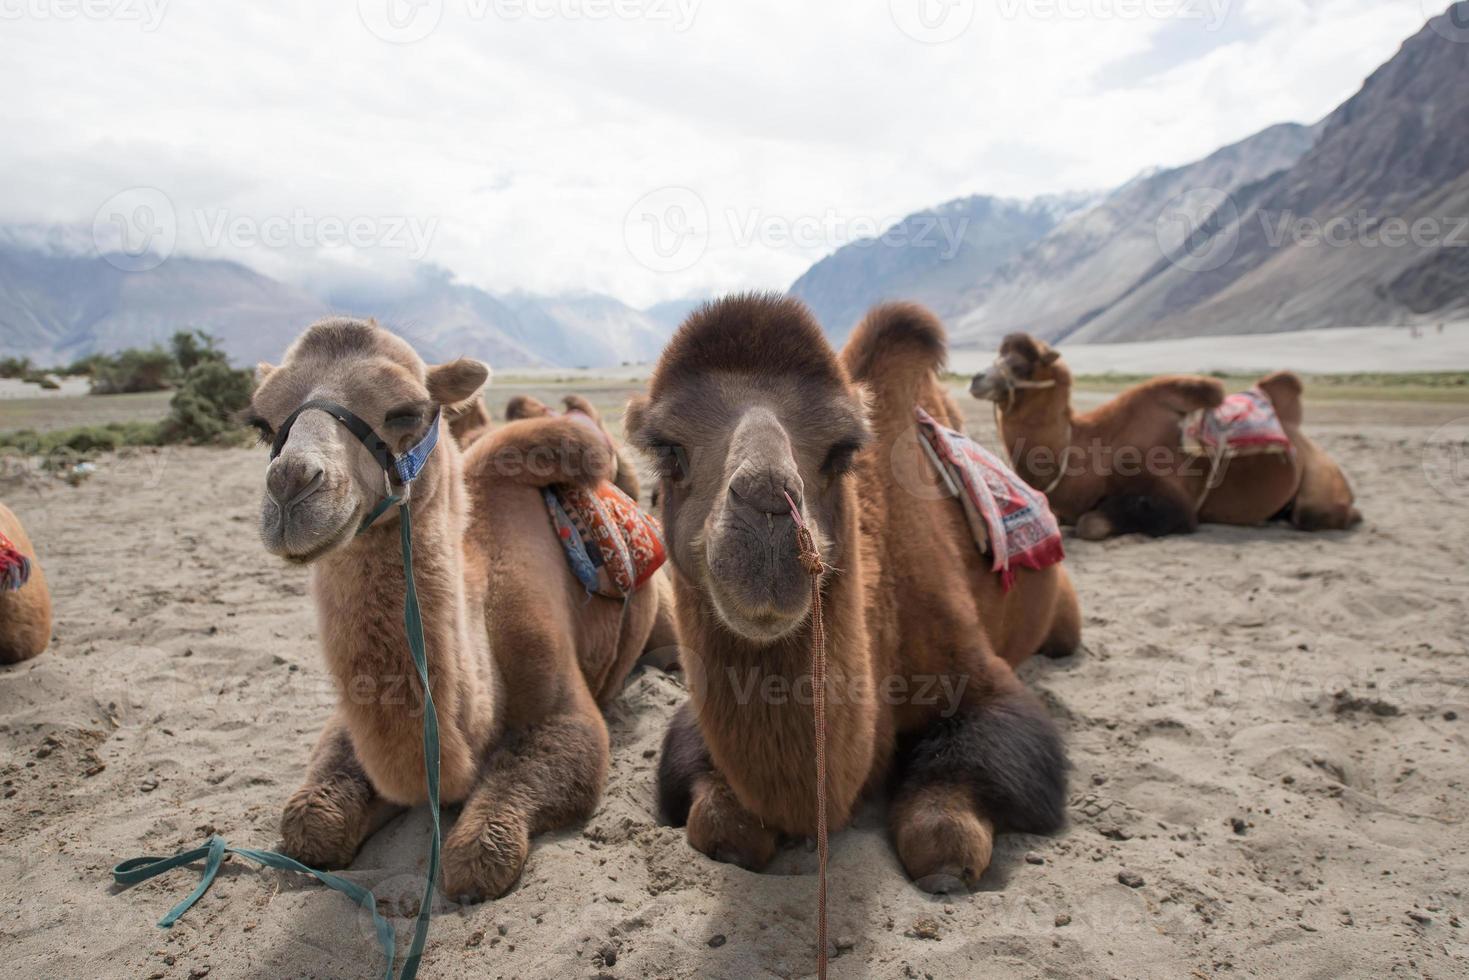 kamelen in de woestijn foto